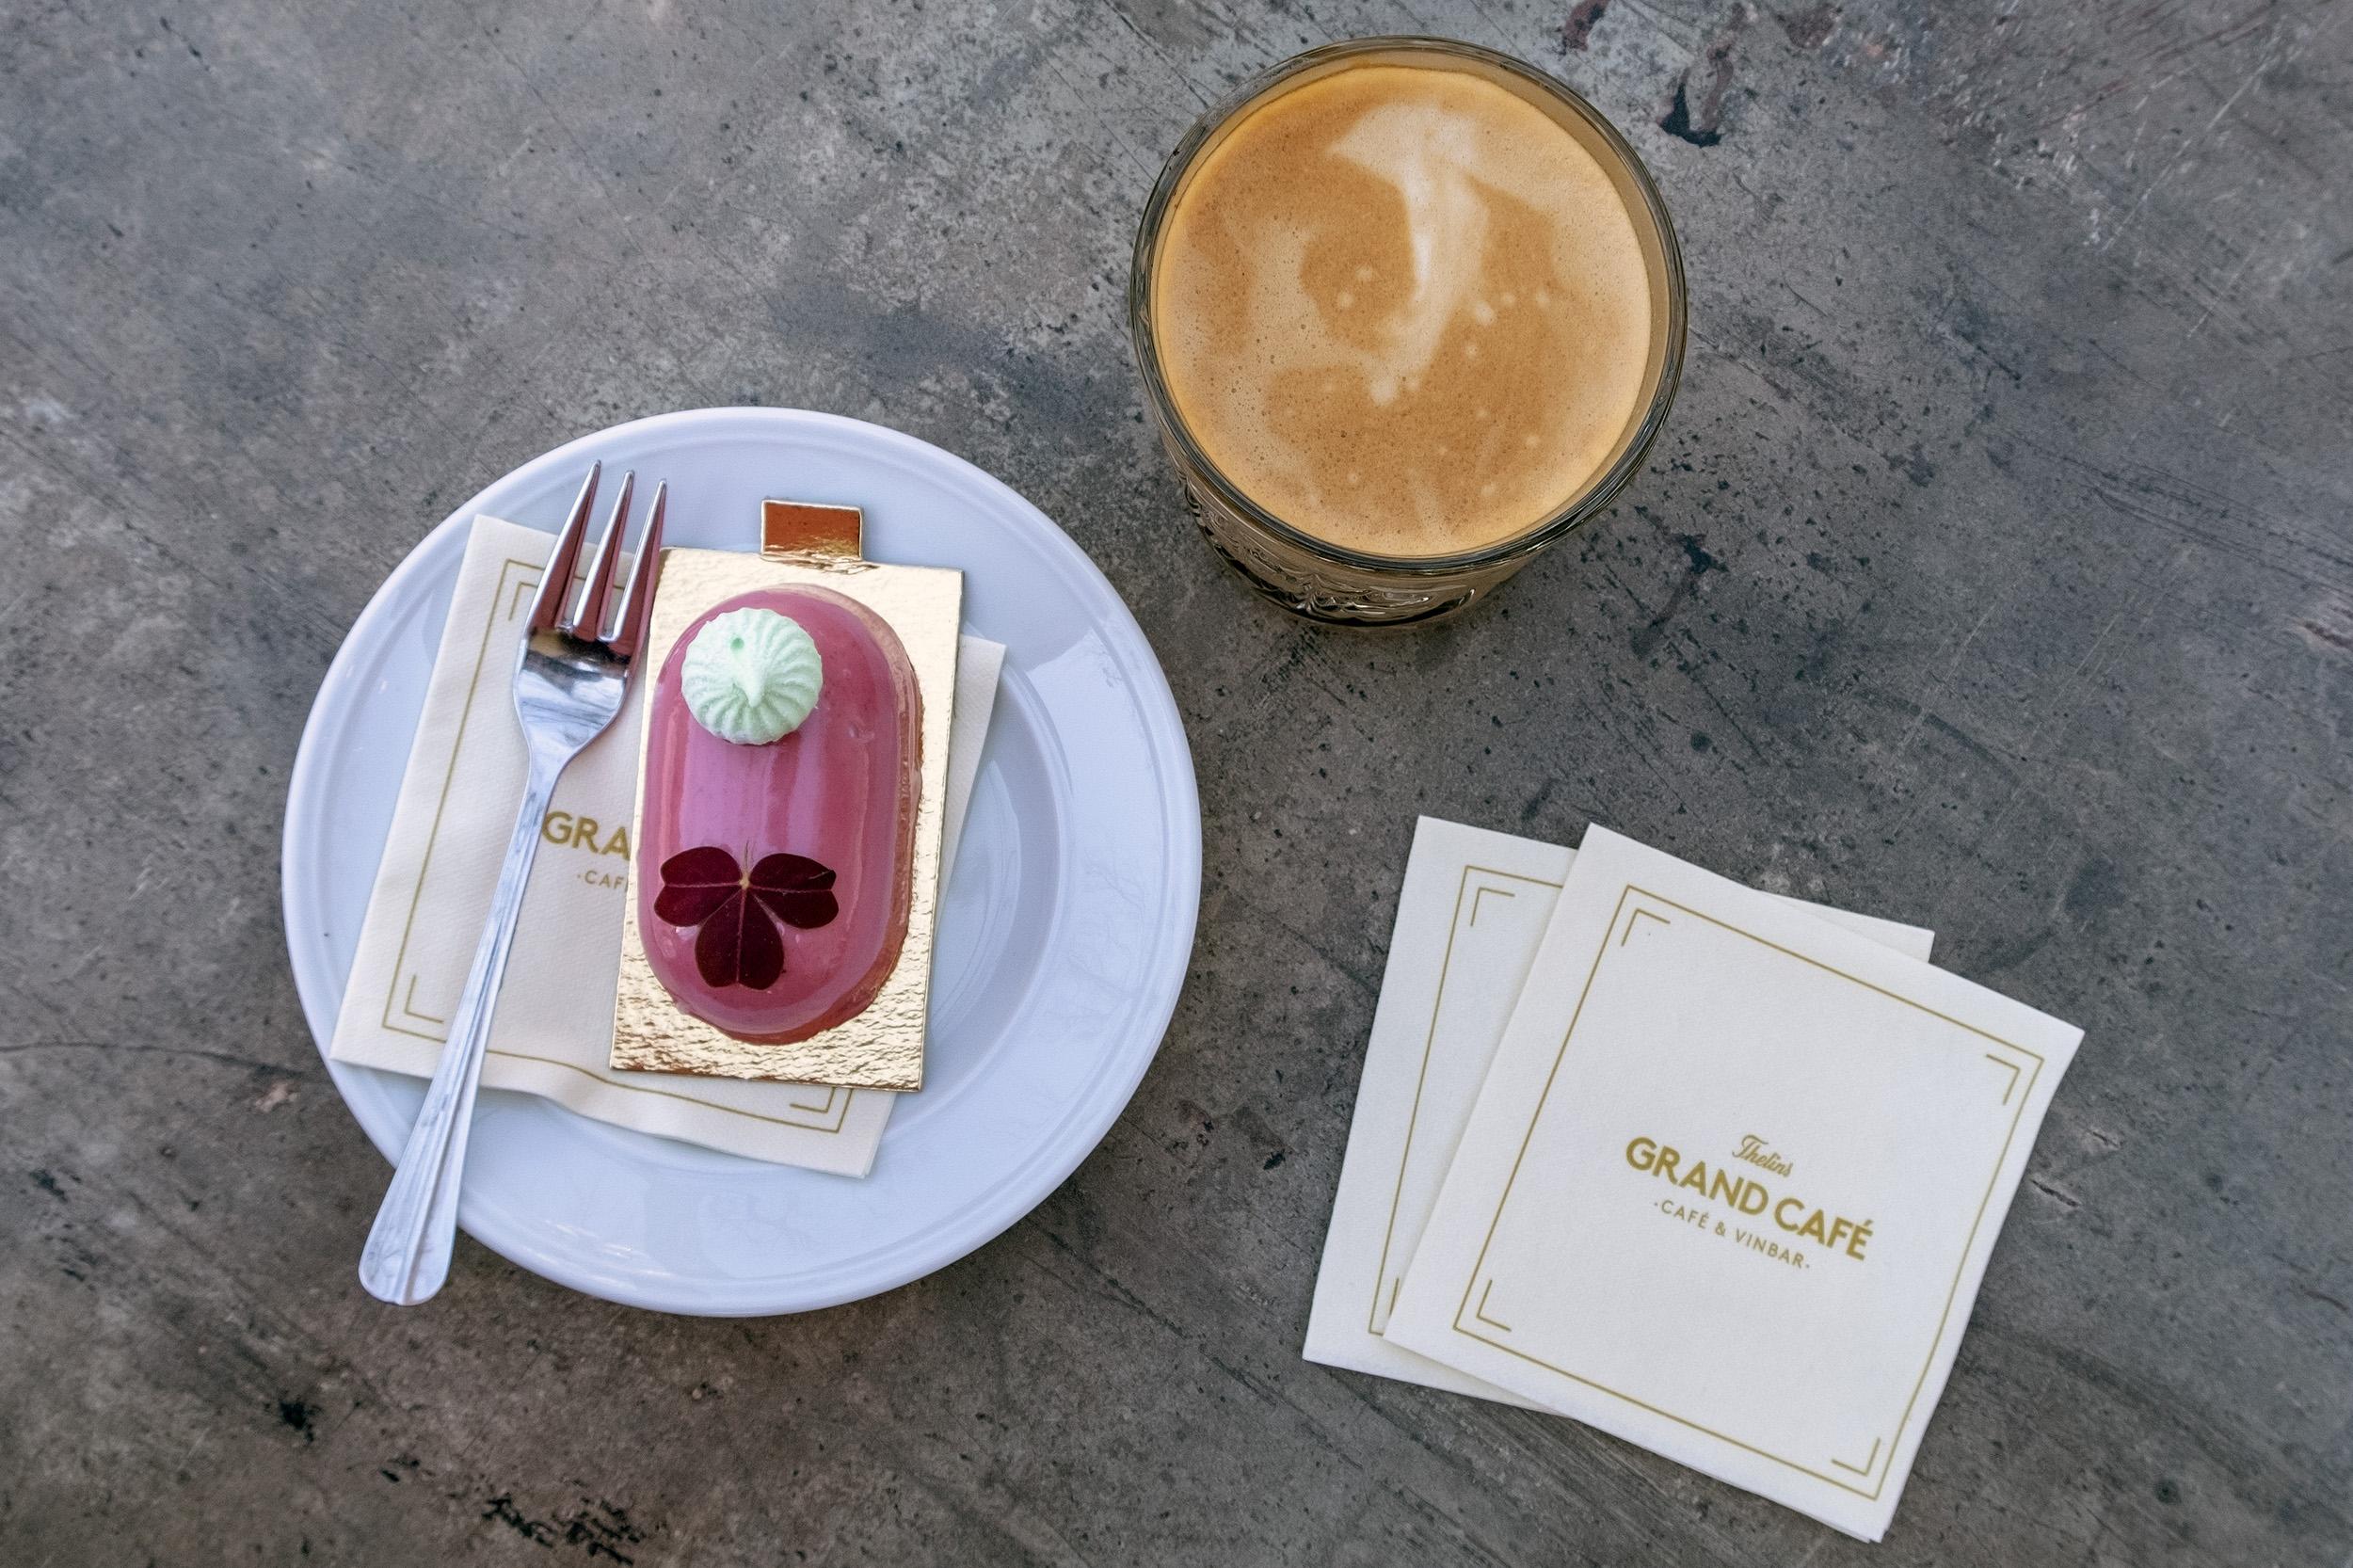 Thelins Grand Cafe Kungsträdgården Stockholm